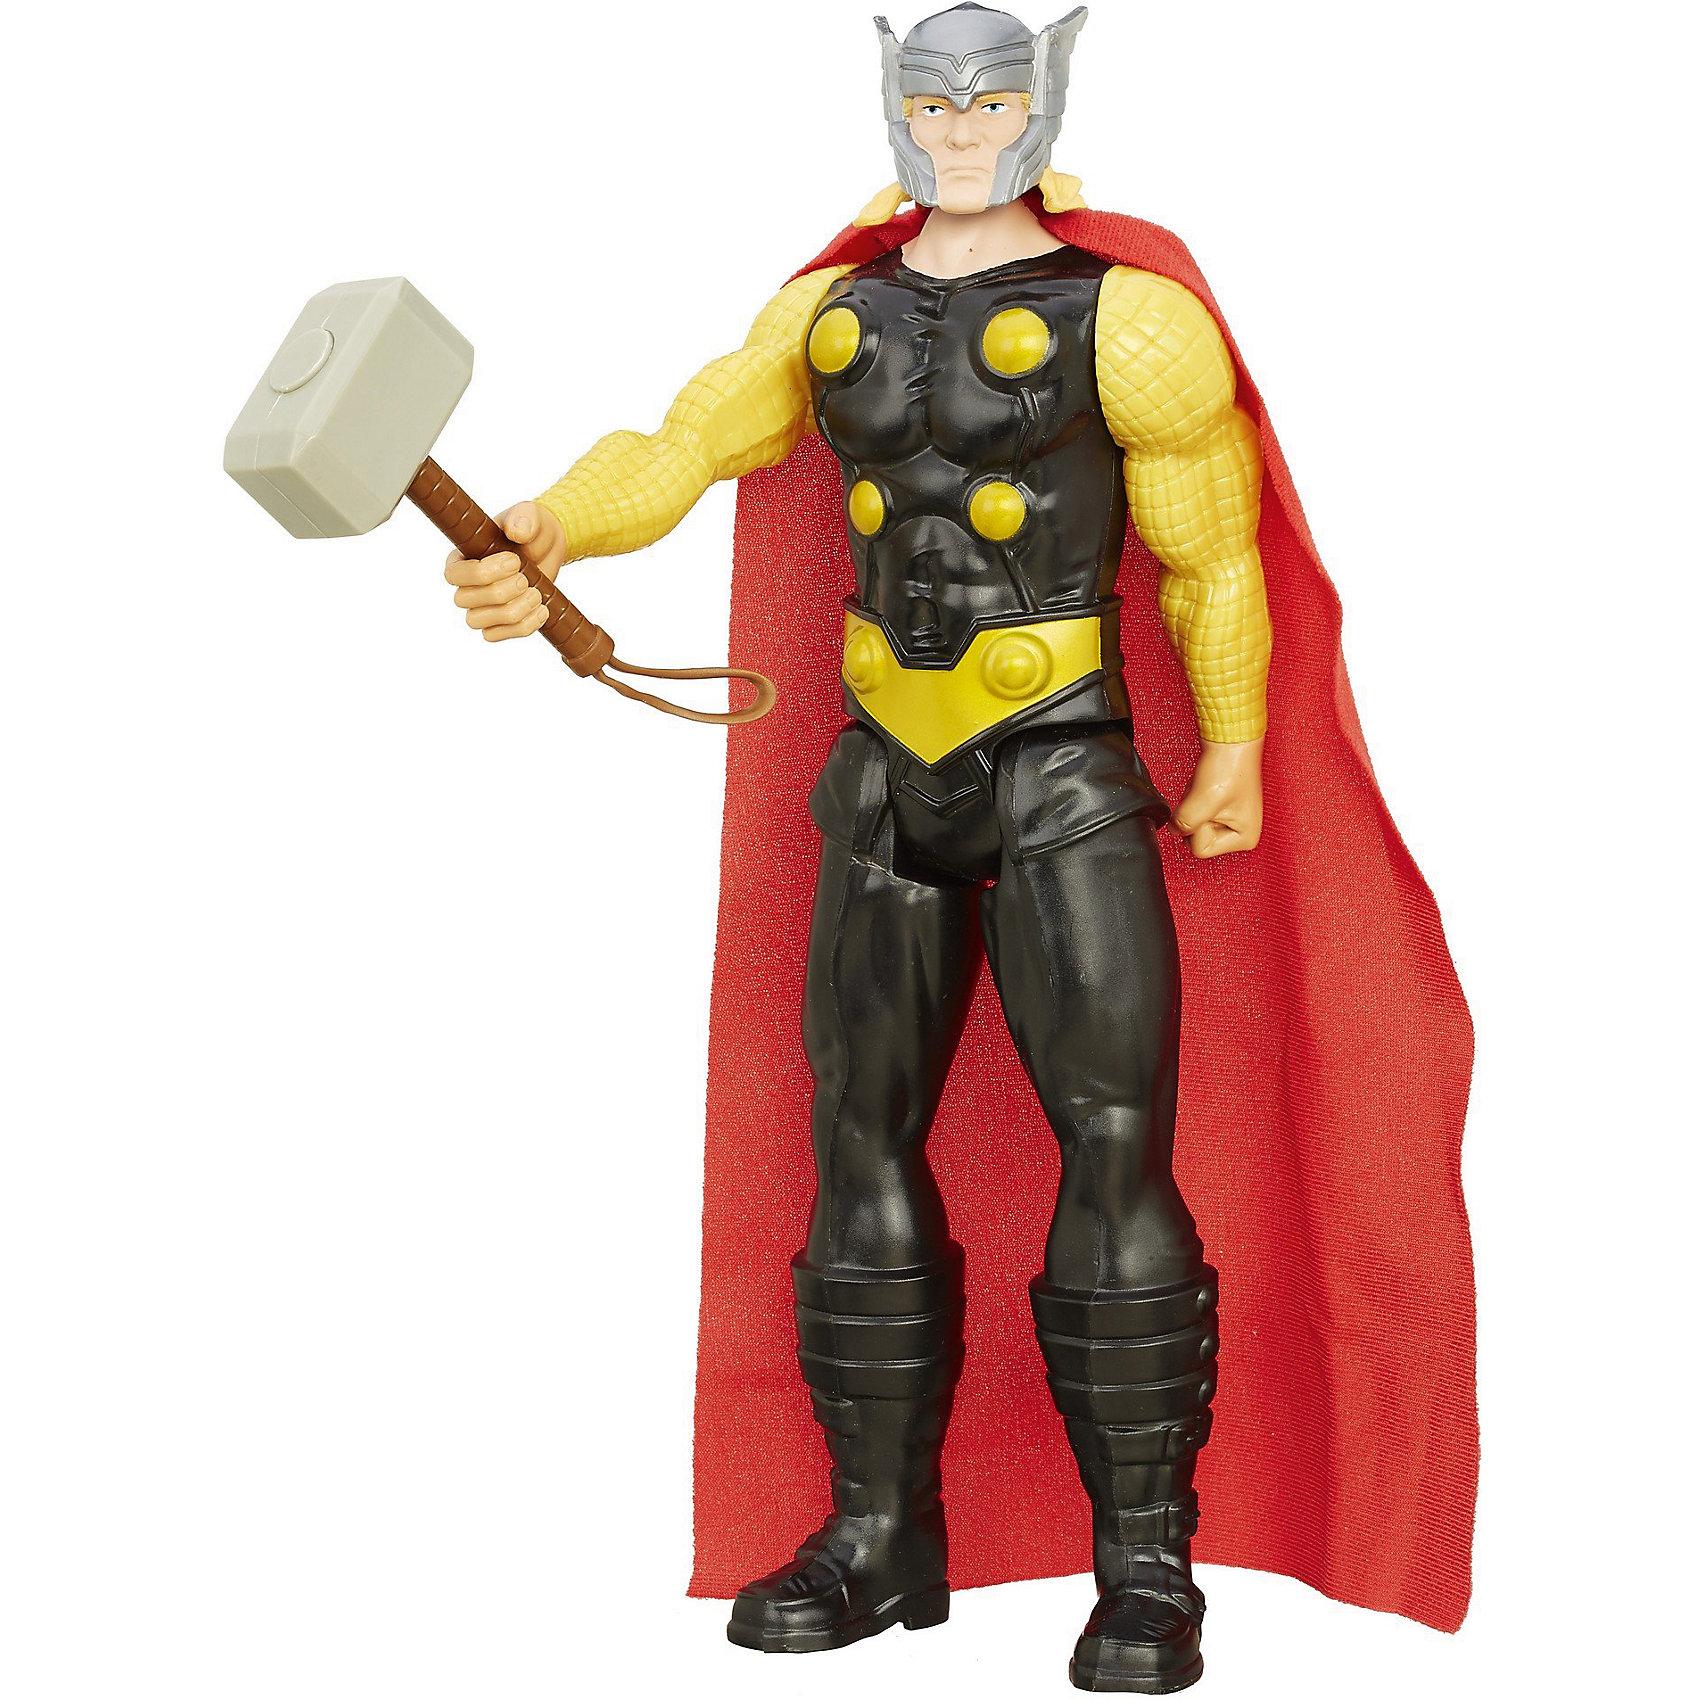 Фигурка Титаны: Тор, МстителиМстители<br>Фигурка Тора станет приятным сюрпризом для вашего ребенка, особенно если он является поклонником популярных комиксов и фильмов о супергероях Мстители (Avengers). Тор - сын богов Асгарда, Одина и Геи, спустившийся на землю. В руках герой держит Мьёльнир - уникальный молот, который он получил, доказав, что является достойным воином. Фигурка имеет множество точек артикуляции, что позволяет ей приобретать самые реалистичные позы, выполнена из высококачественного пластика, прекрасно детализирована и реалистично раскрашена. Собери все фигурки титанов и погрузись в увлекательную игру вместе с любимыми героями! <br><br>Дополнительная информация: <br><br>- Материал: пластик.<br>- Размер: 30 см.<br>- Голова, руки, ноги подвижные. <br><br>Фигурку Титаны: Тор, Мстители, можно купить в нашем магазине.<br><br>Ширина мм: 306<br>Глубина мм: 104<br>Высота мм: 55<br>Вес г: 258<br>Возраст от месяцев: 48<br>Возраст до месяцев: 96<br>Пол: Мужской<br>Возраст: Детский<br>SKU: 4702914